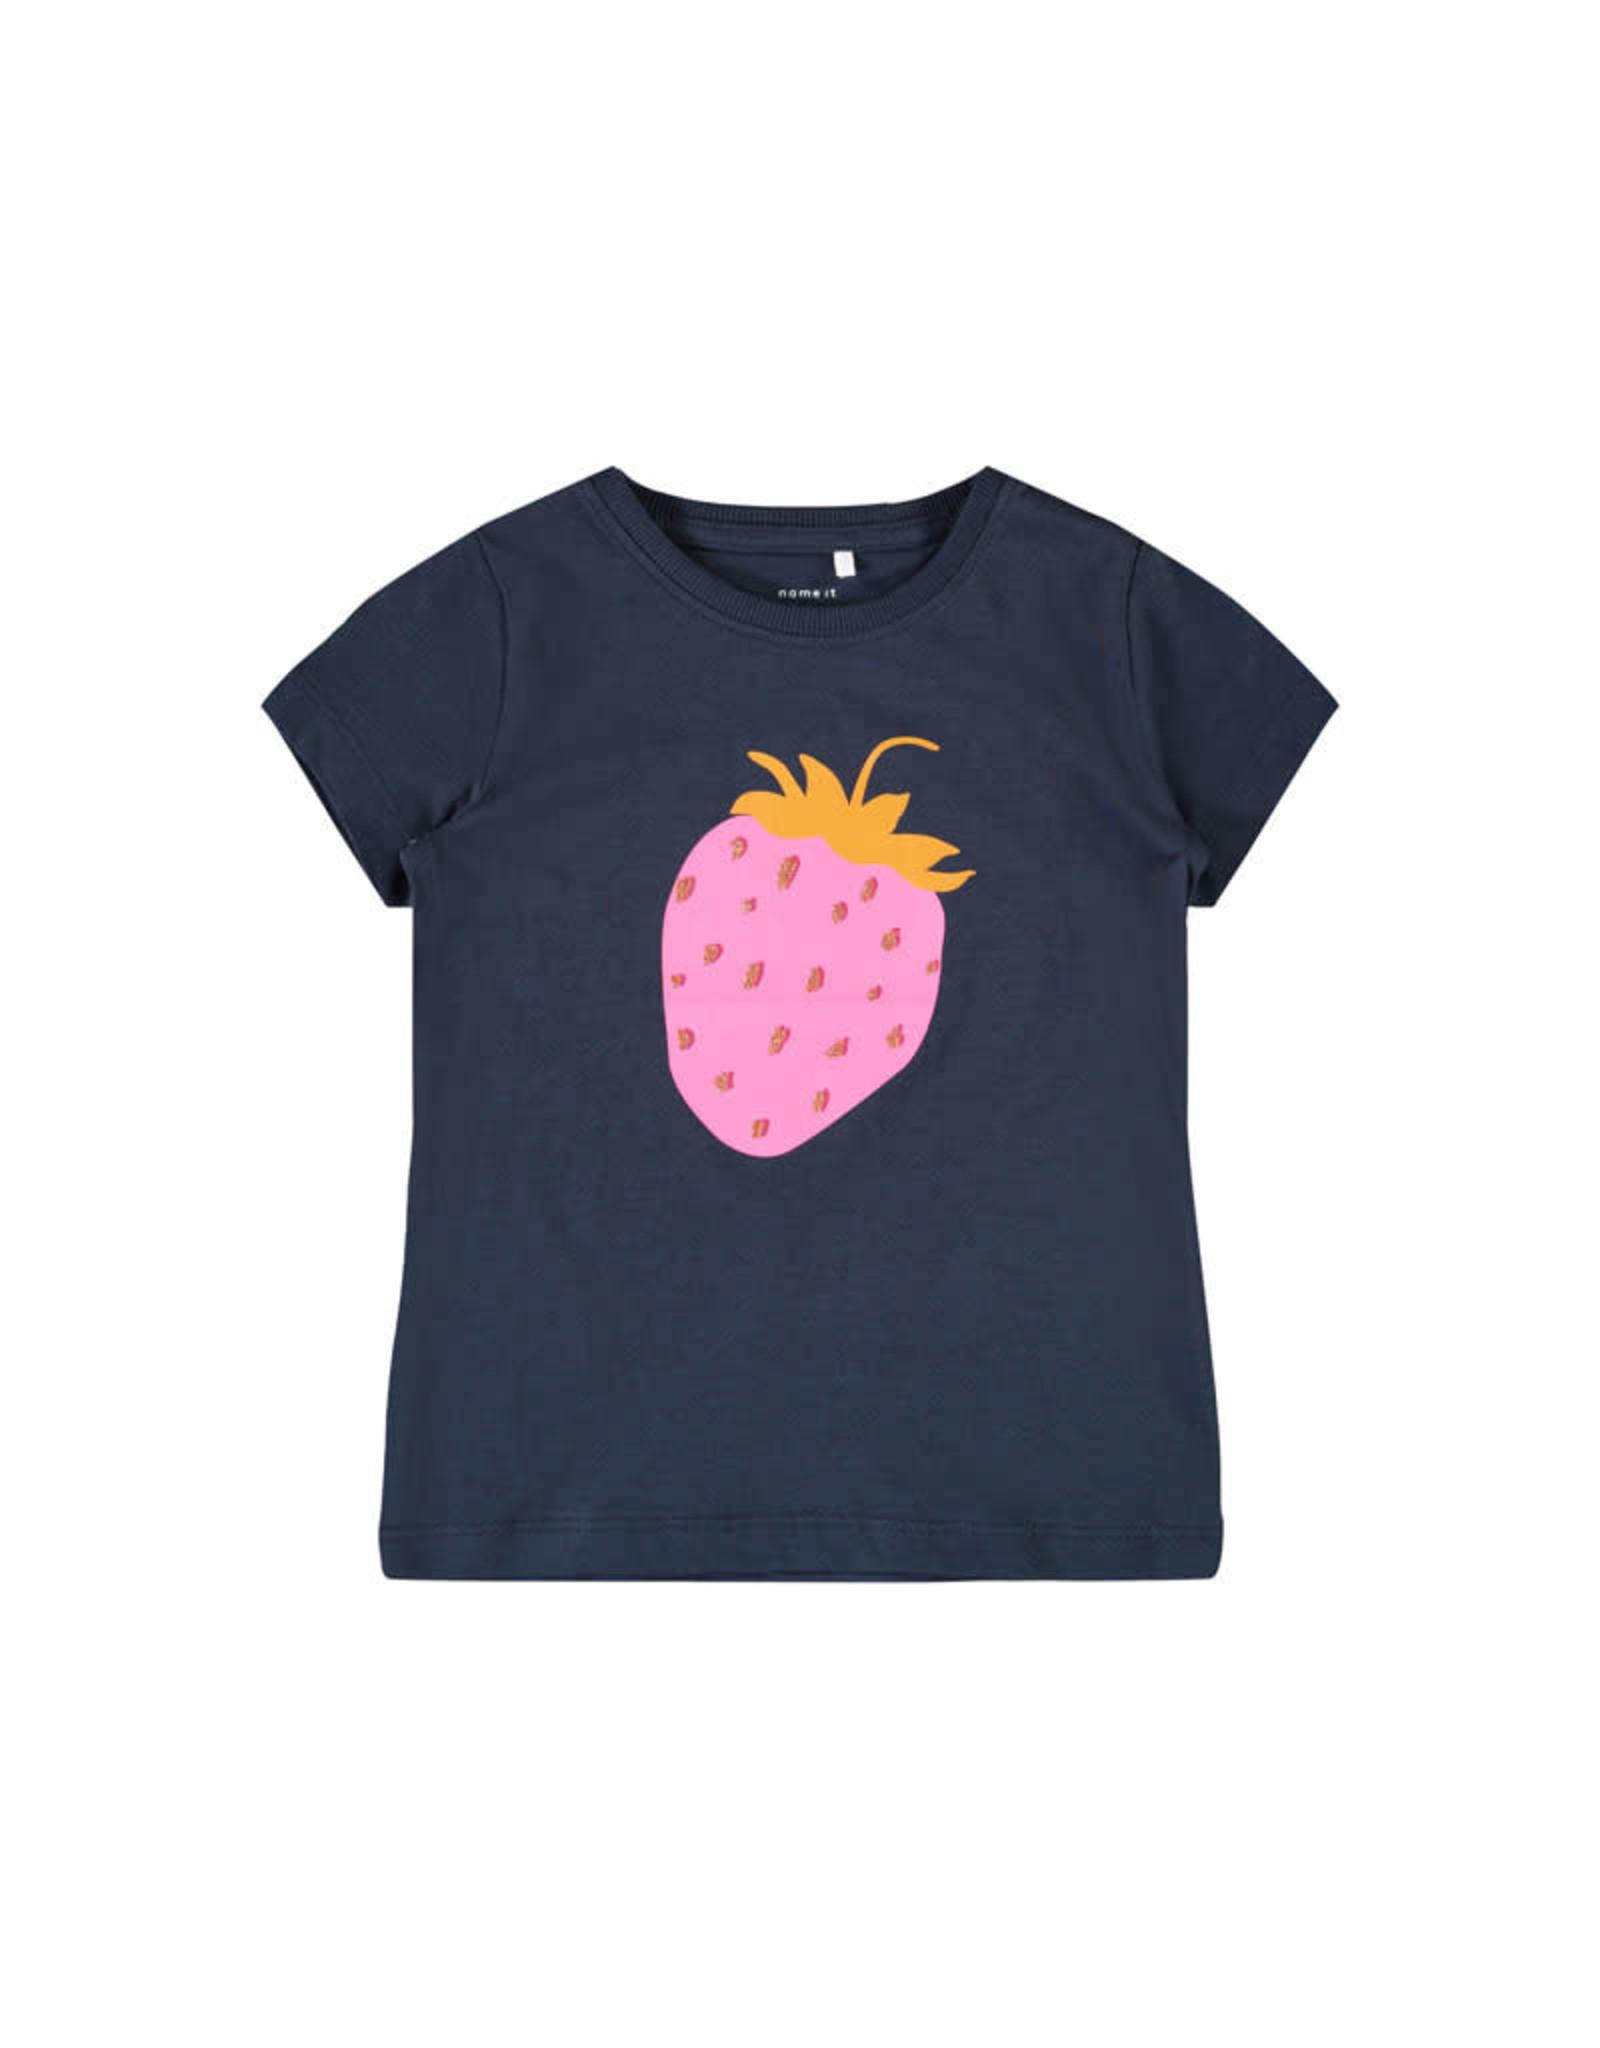 Name It Blauwe t-shirt uit bio katoen met aardbei